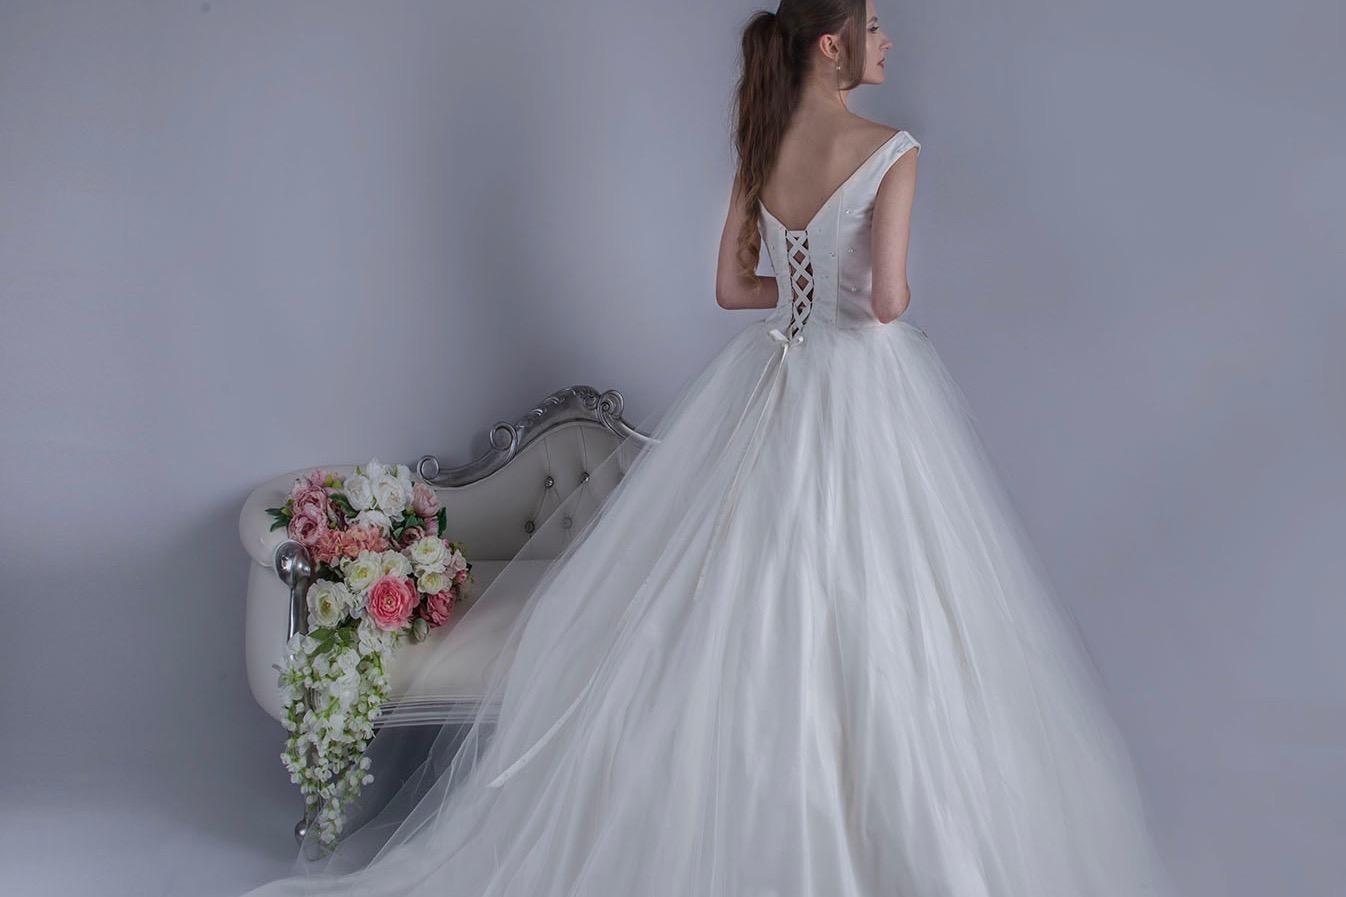 Robe de mariée avec un corset et laçage au dos